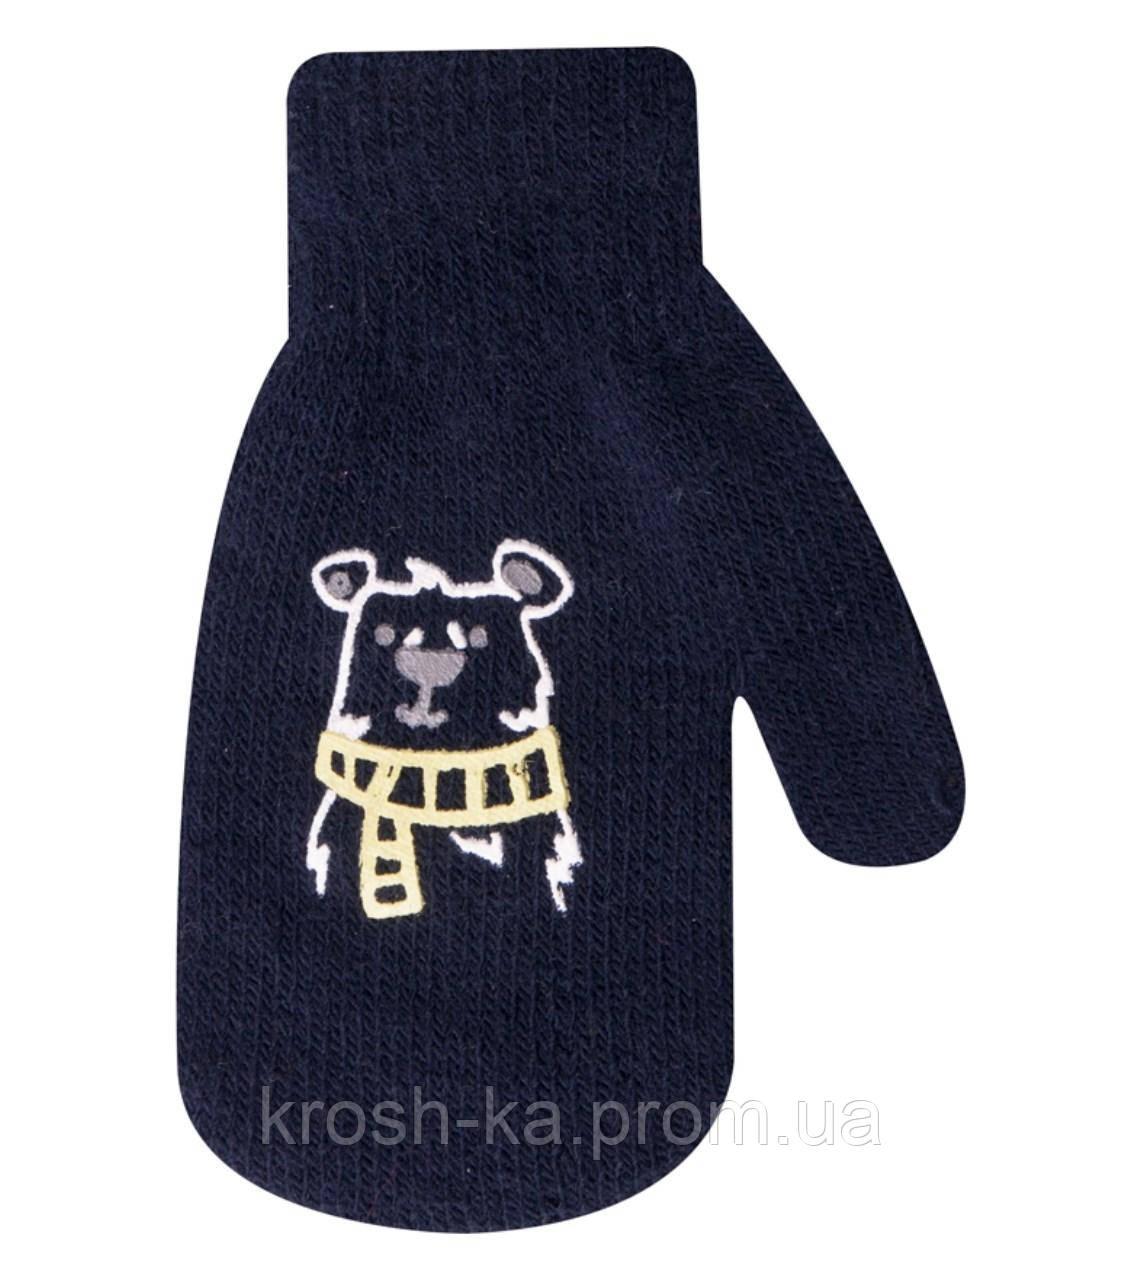 Варежки для мальчика одинарные ассорти(12)см YoI Польша R-115